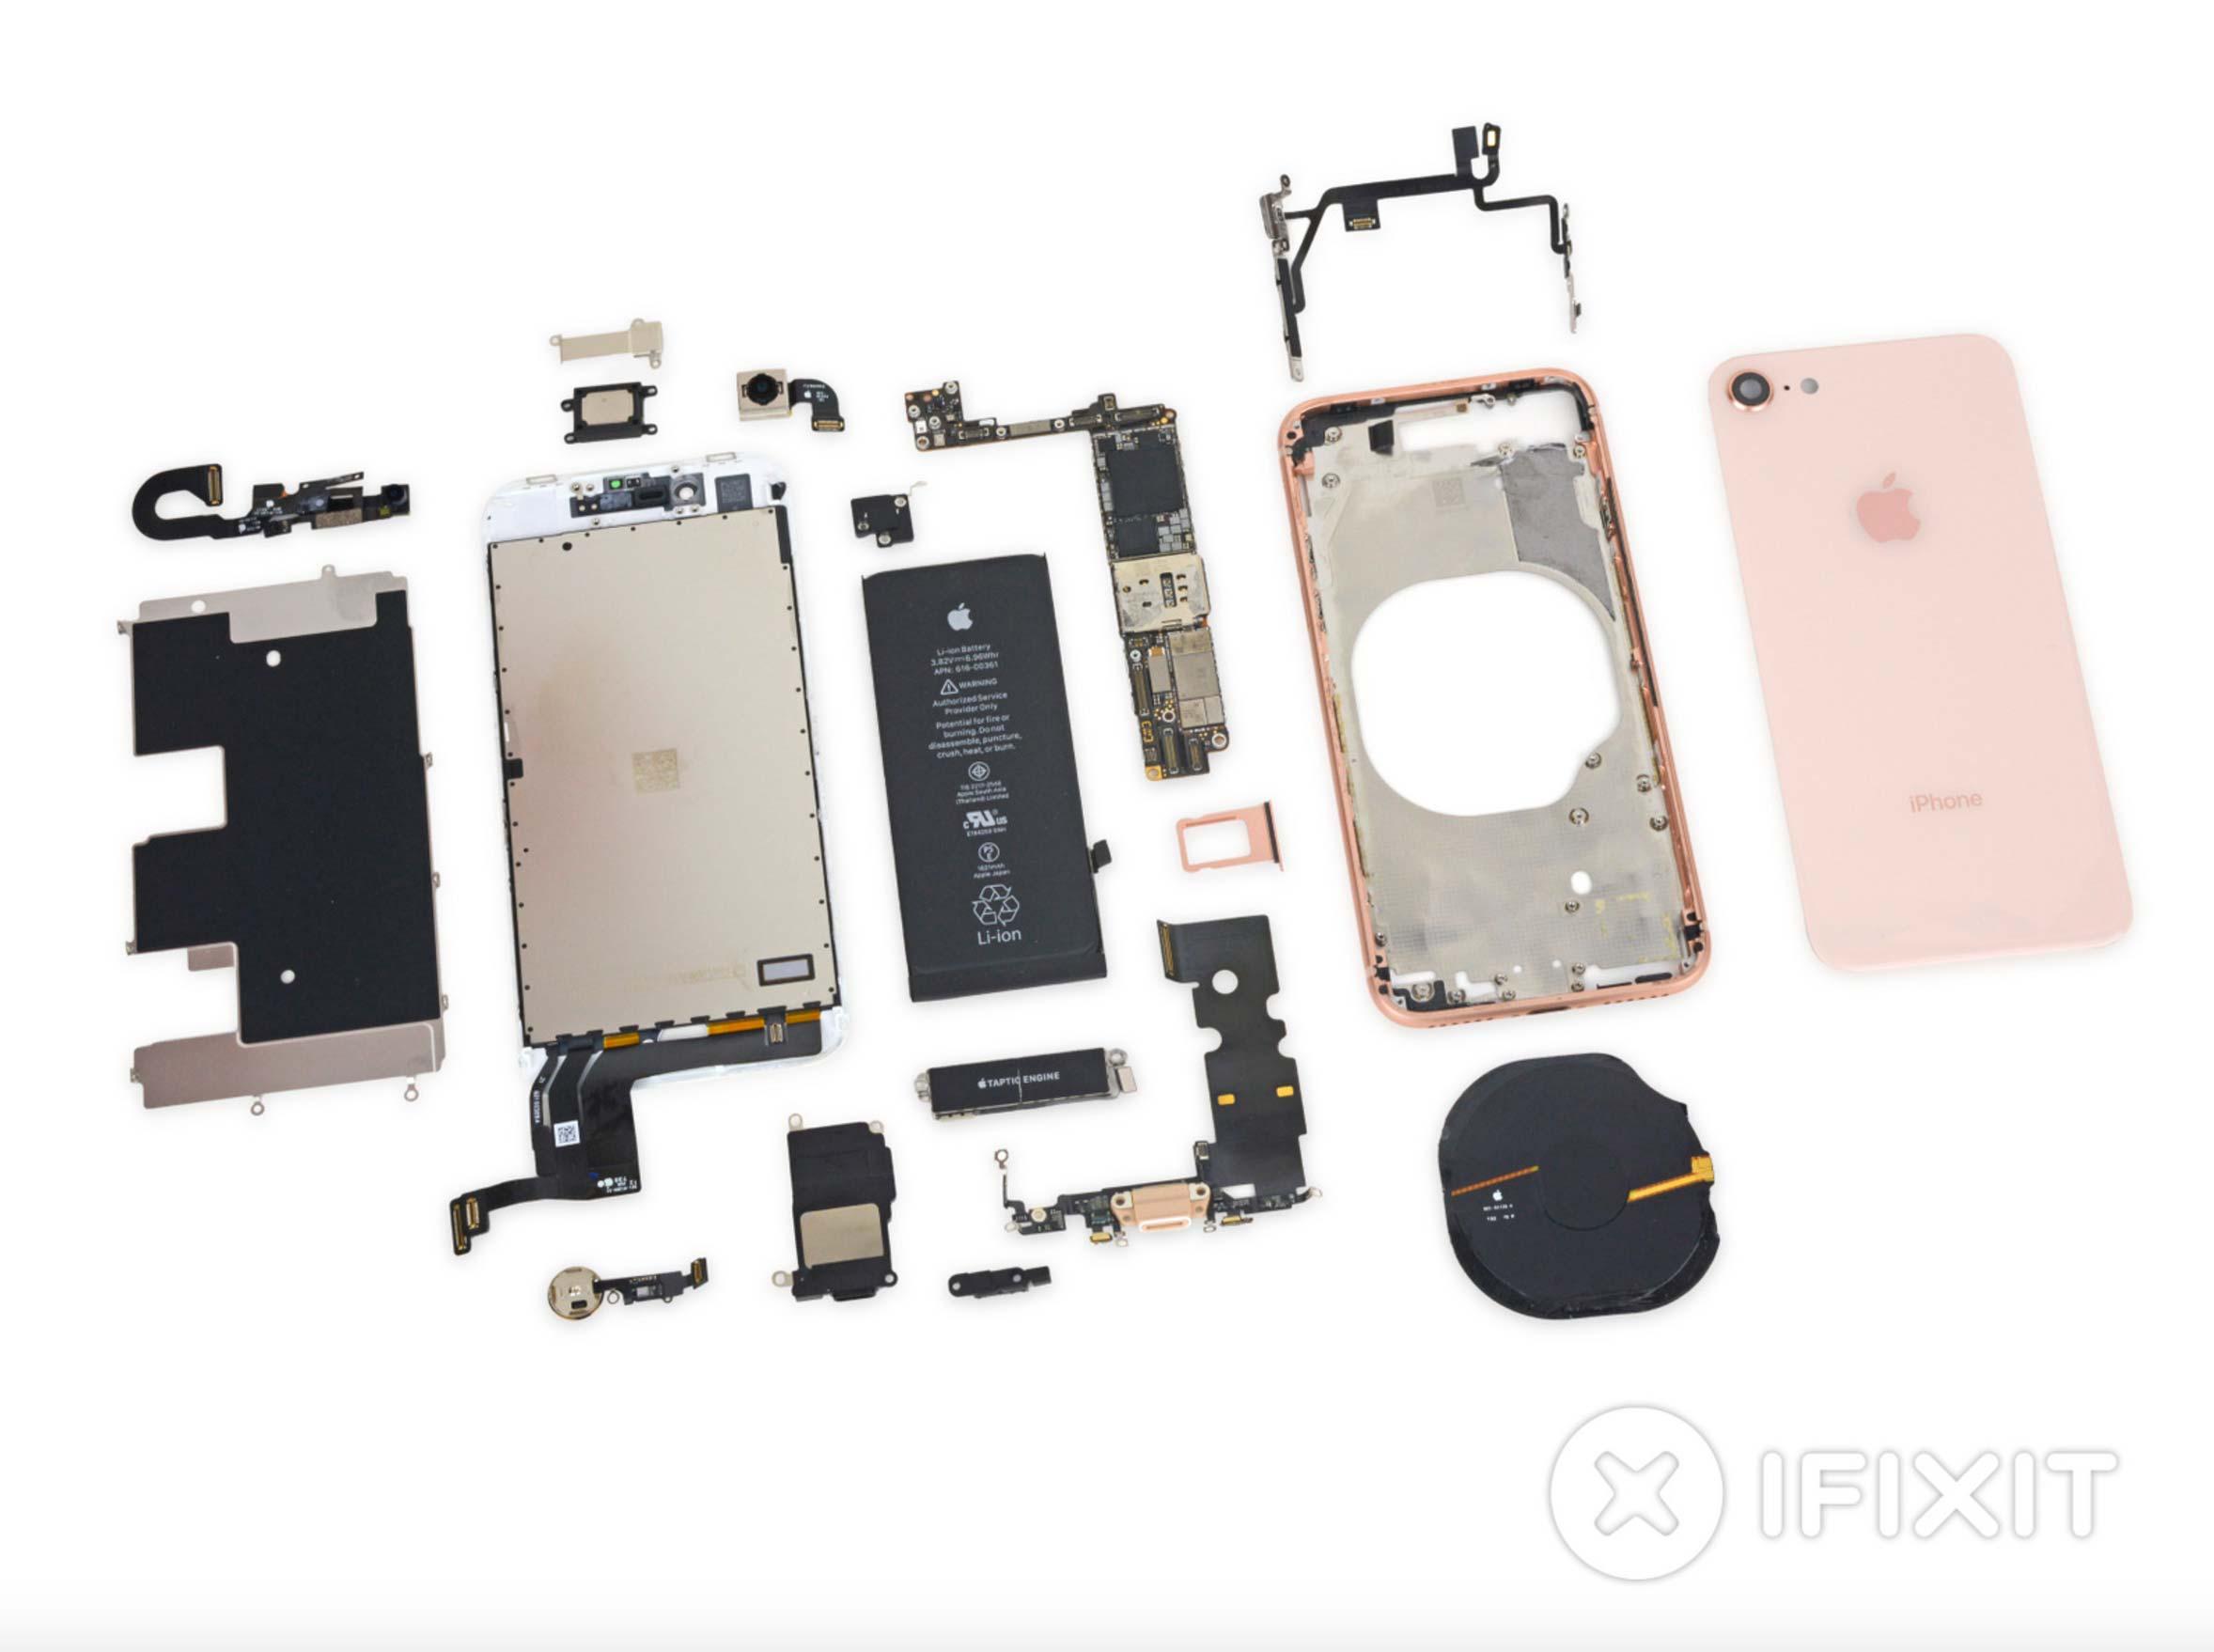 iFixit、「iPhone 8」のバラシレポートを公開